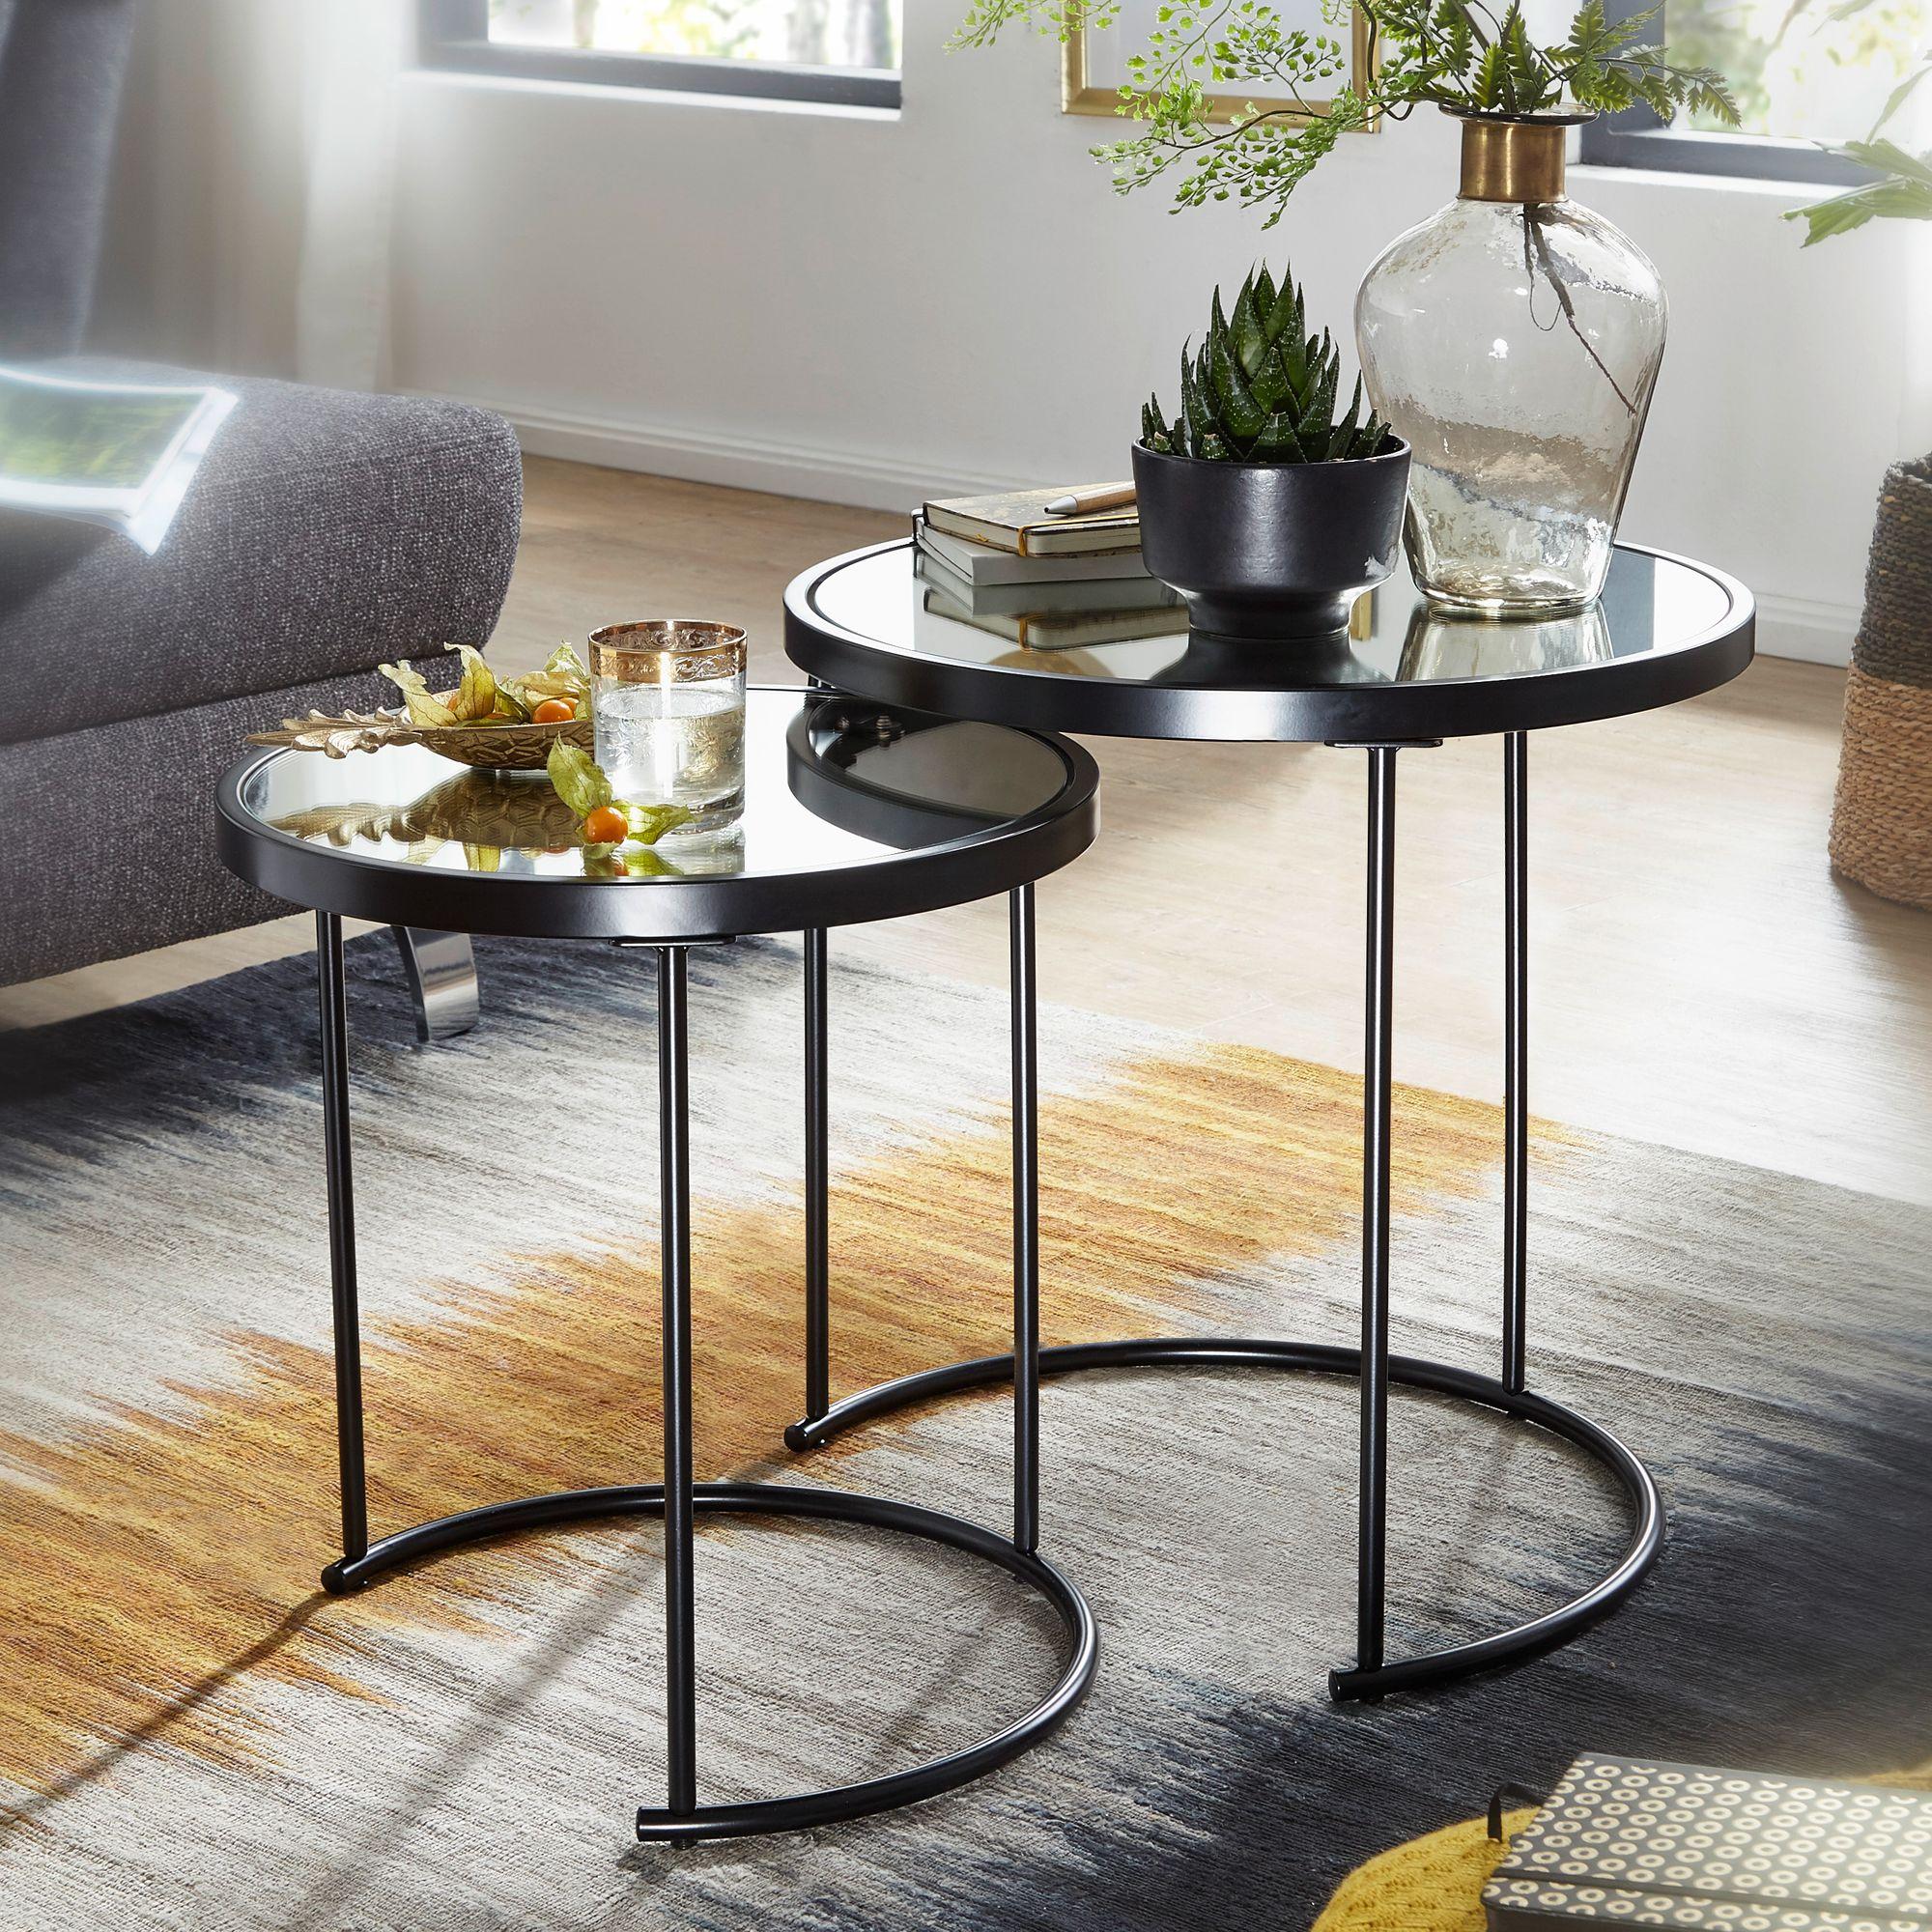 WOHNLING Design Beistelltisch Rund Ø 7/7 cm - 7 teilig Schwarz mit  Spiegel Glas  Wohnzimmertisch 7er Set  Satztisch verspiegelt  Couchtisch